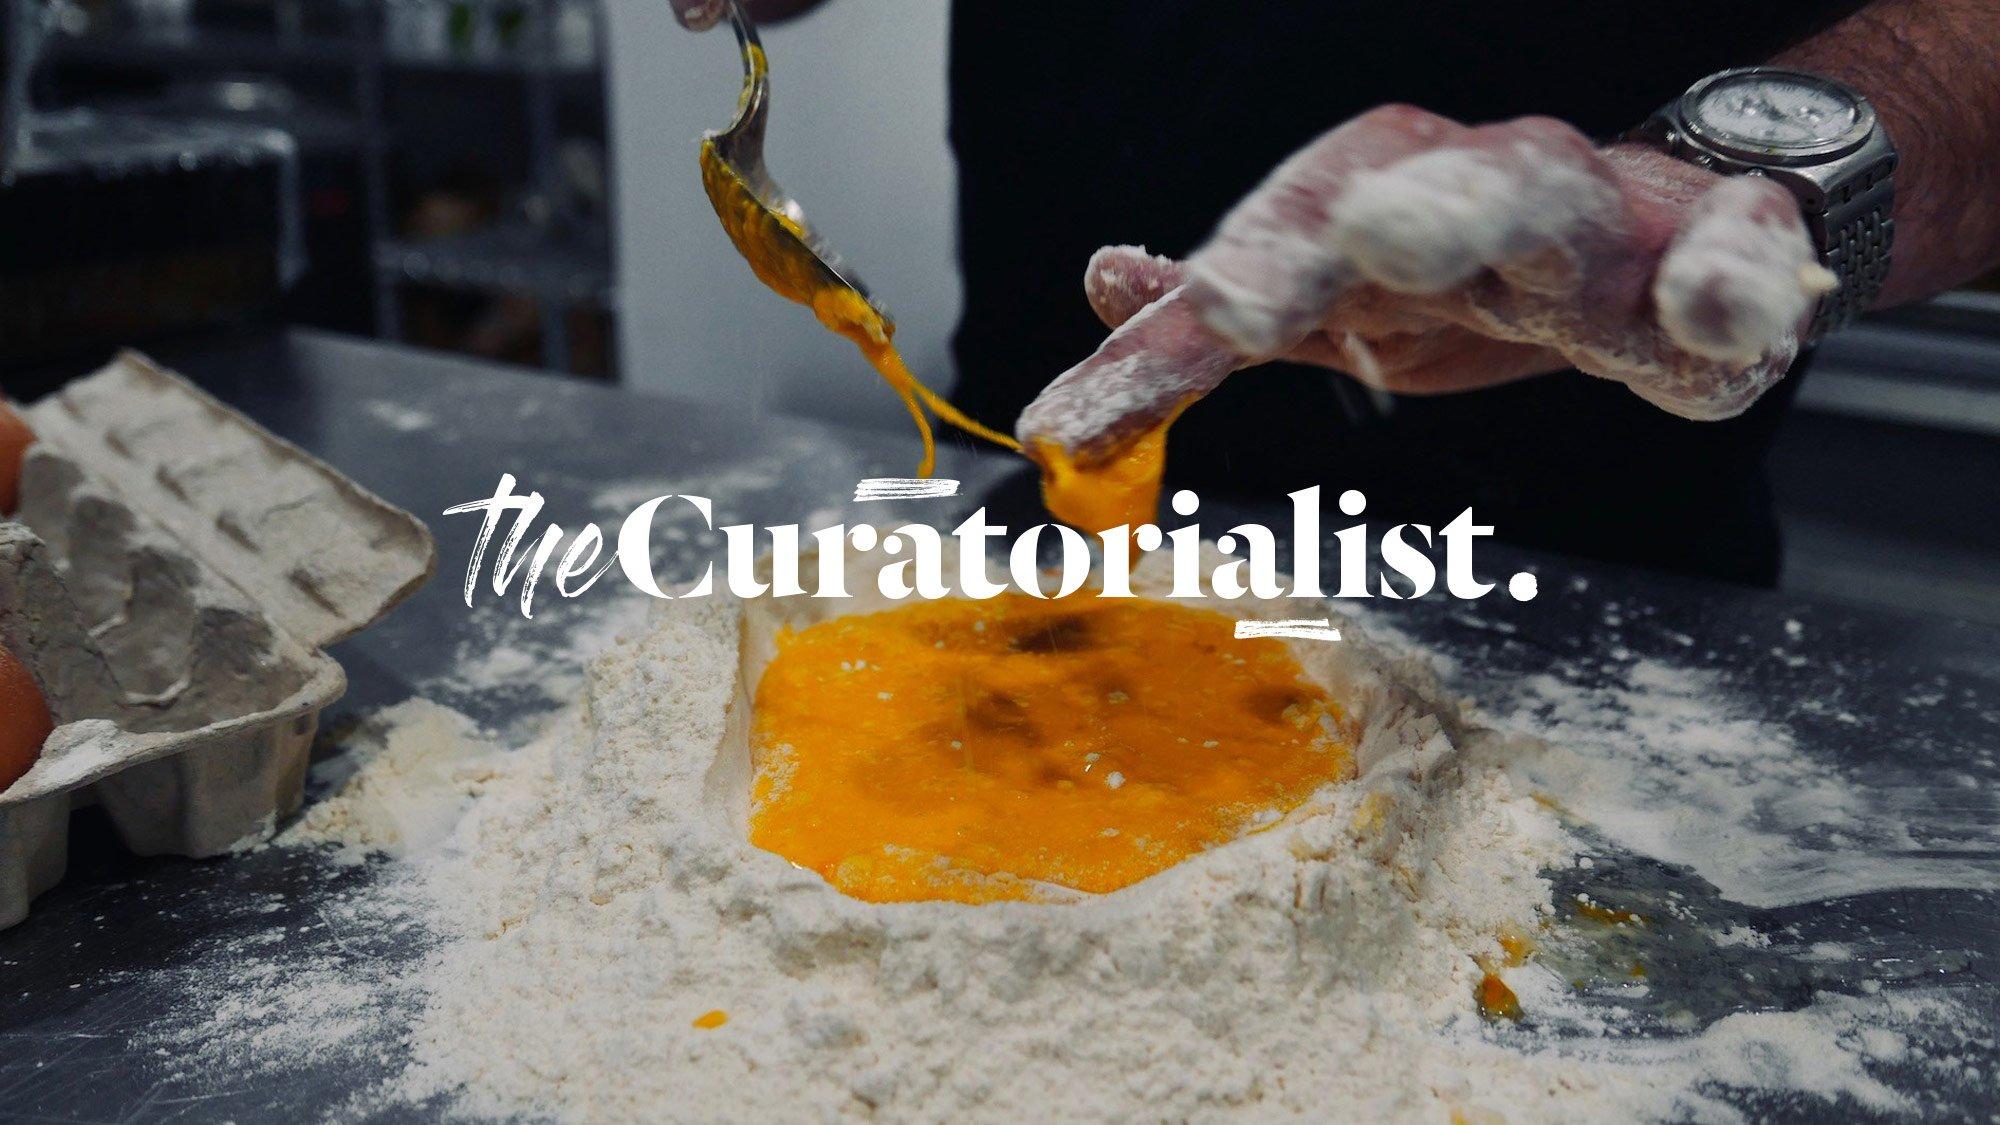 thecuratorialist_06